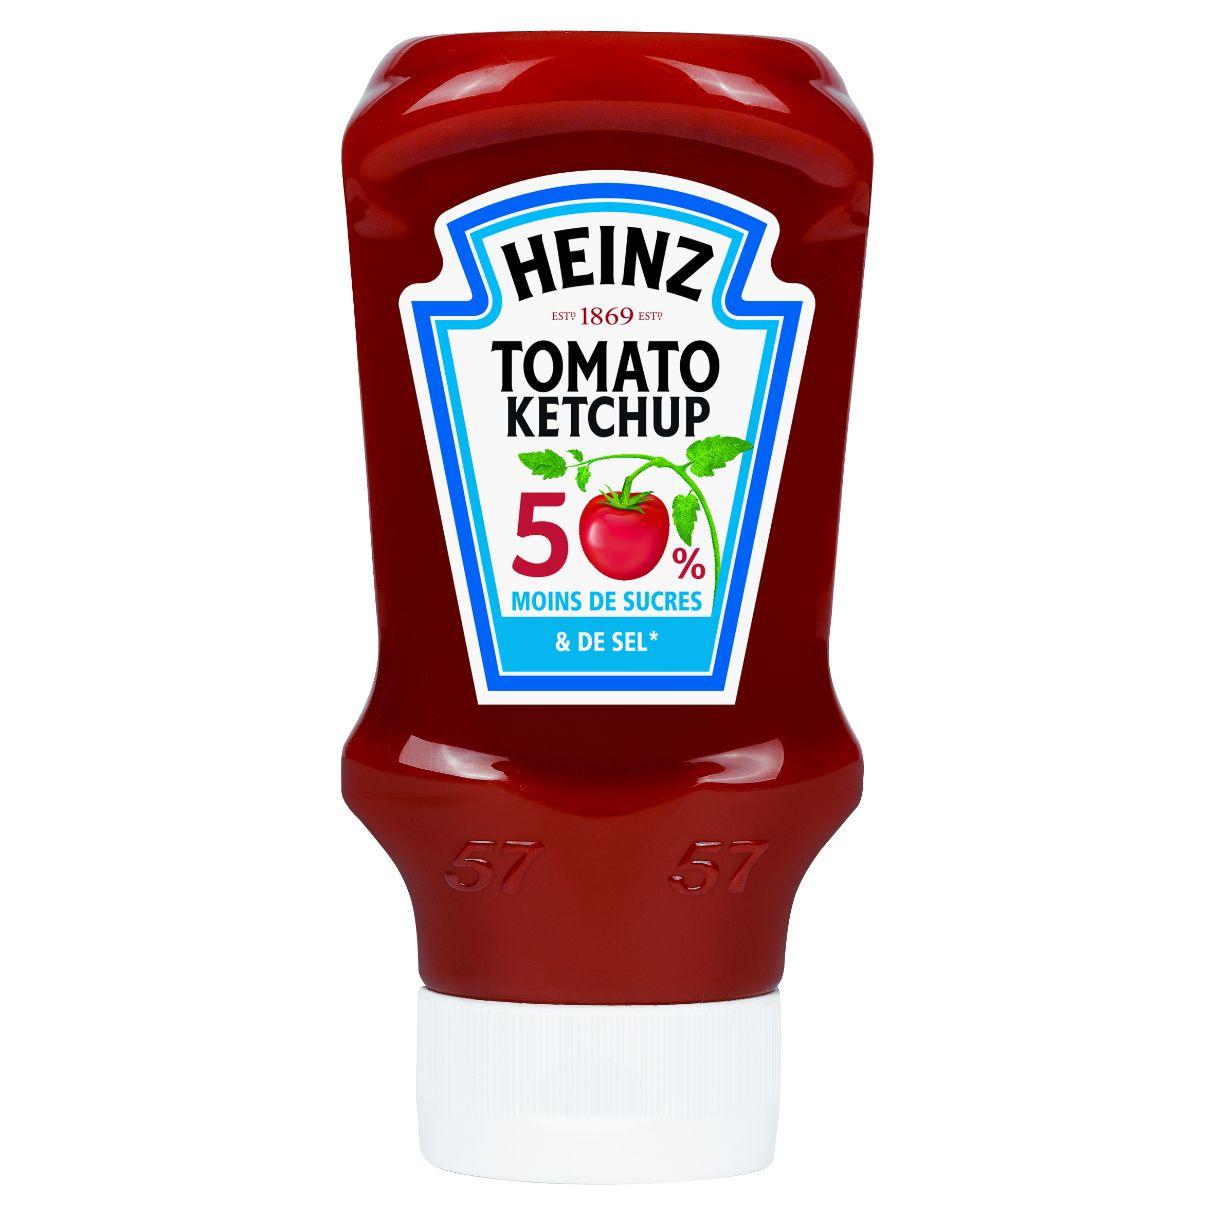 Heinz Tomato ketchup 50% de sucre et 50% de sel en moins 435g top down image